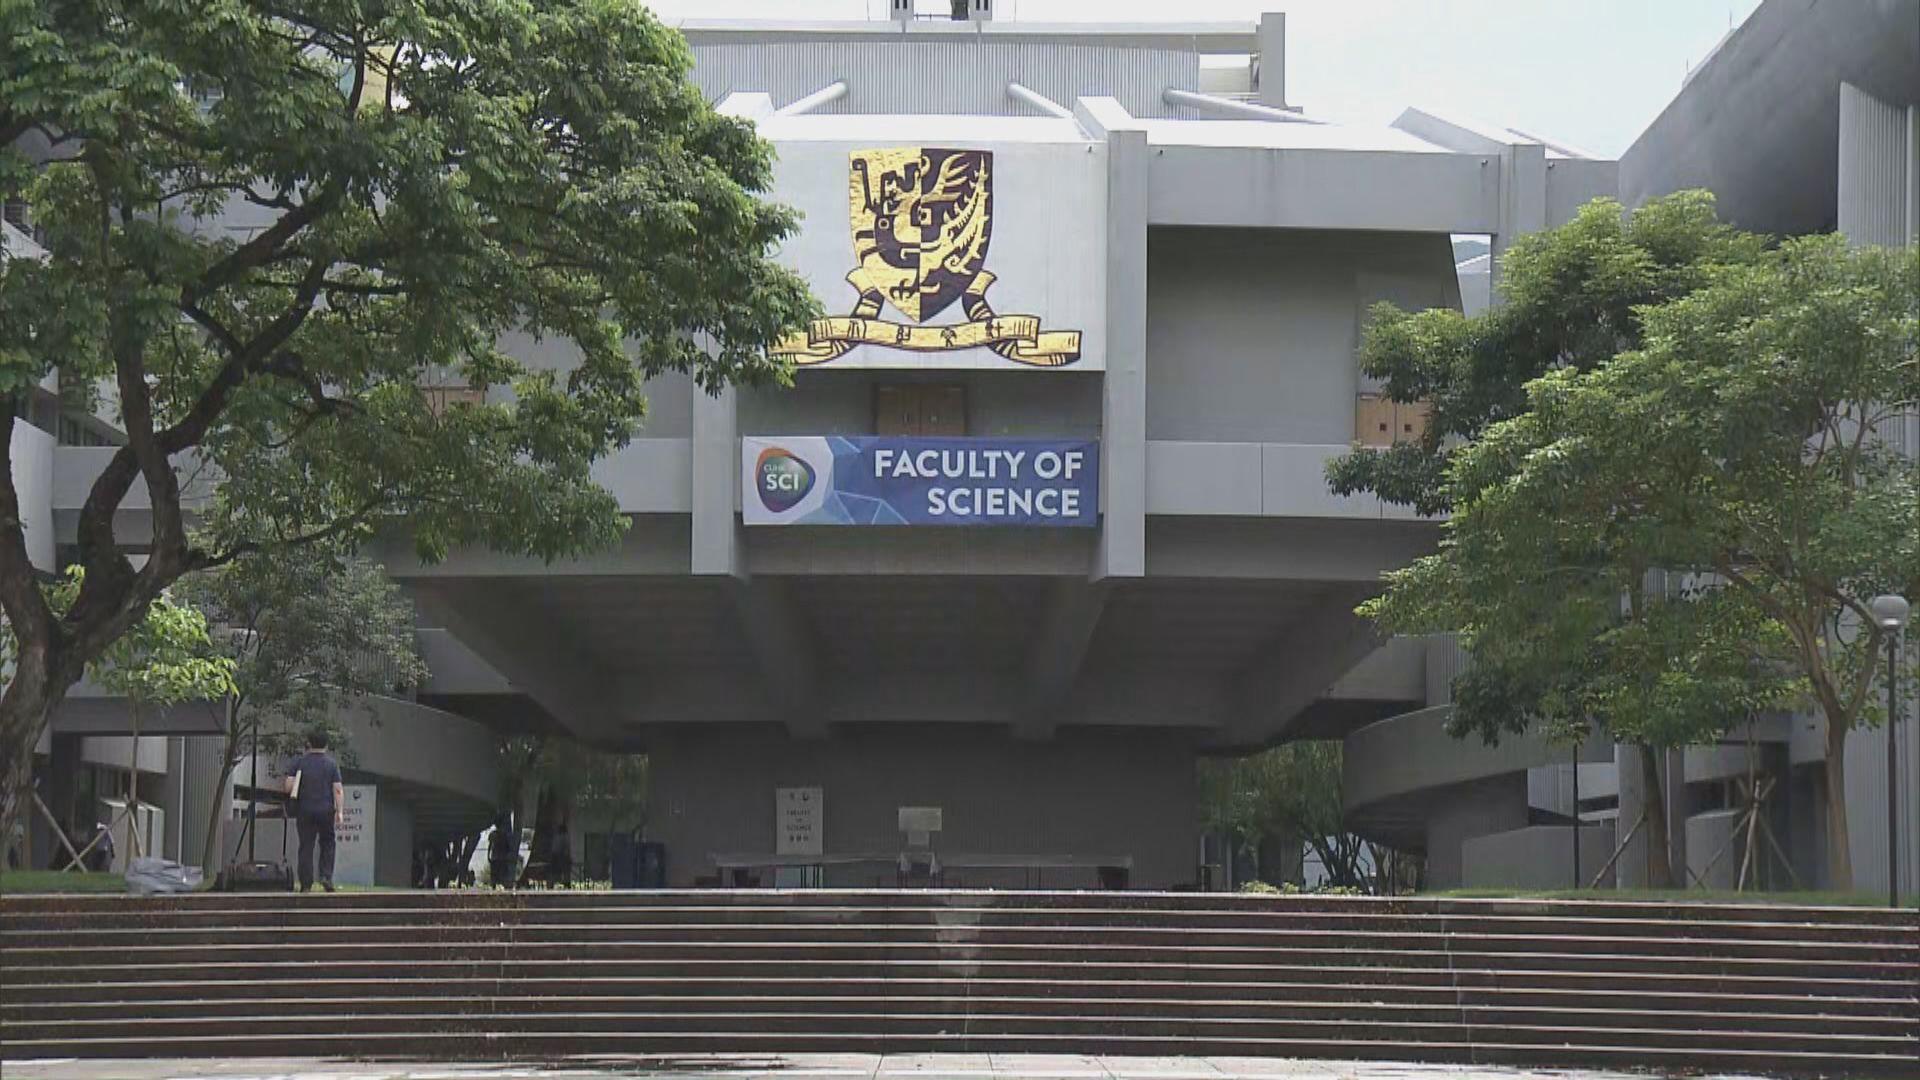 中大通知教育局暫撤建科研實驗大樓撥款申請